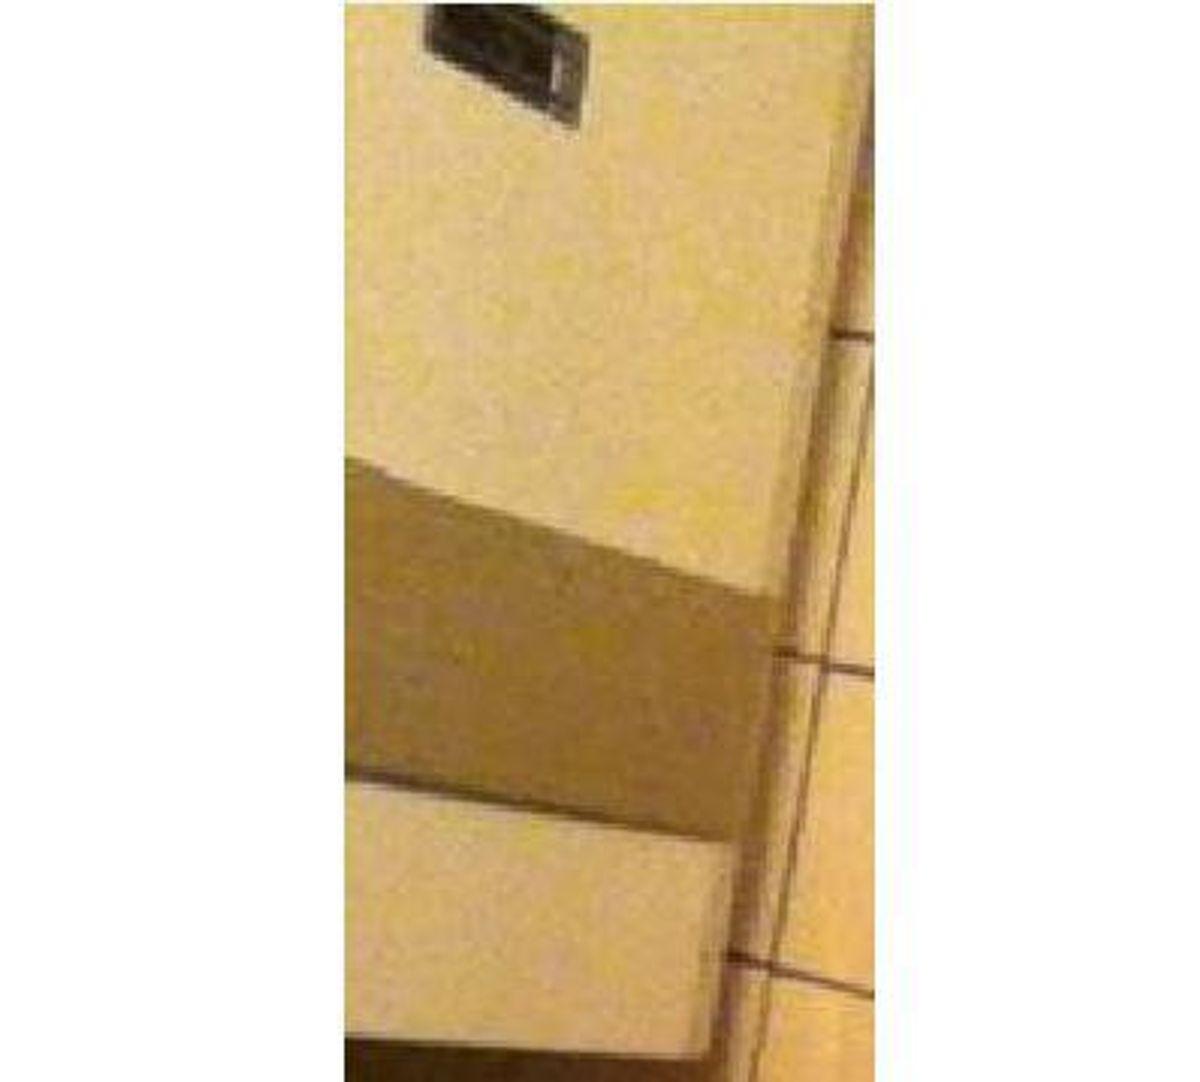 Dette er sandsynligvis en del af et varmesystems kontrolpanel. Mærke? Hvor er det solgt? Foto: Europol.